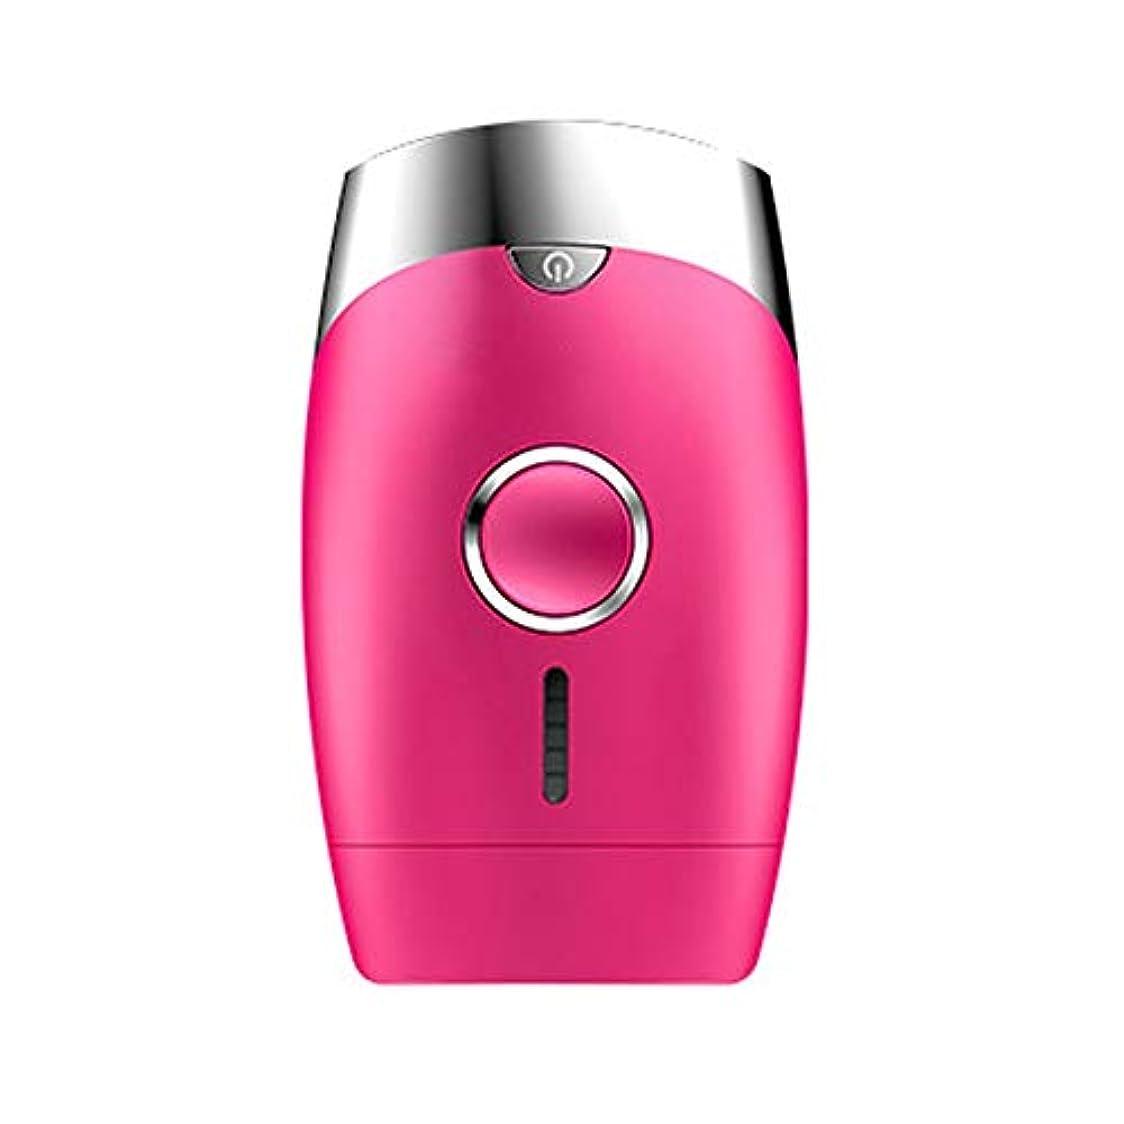 エンジニアリングアーサー鮮やかなダパイ ピンク、5スピード調整、インテリジェント家庭用痛みのない凝固点ヘアリムーバー、シングルフラッシュ/連続フラッシュ、サイズ13.9 X 8.3 X 4.8 Cm U546 (Color : Pink)